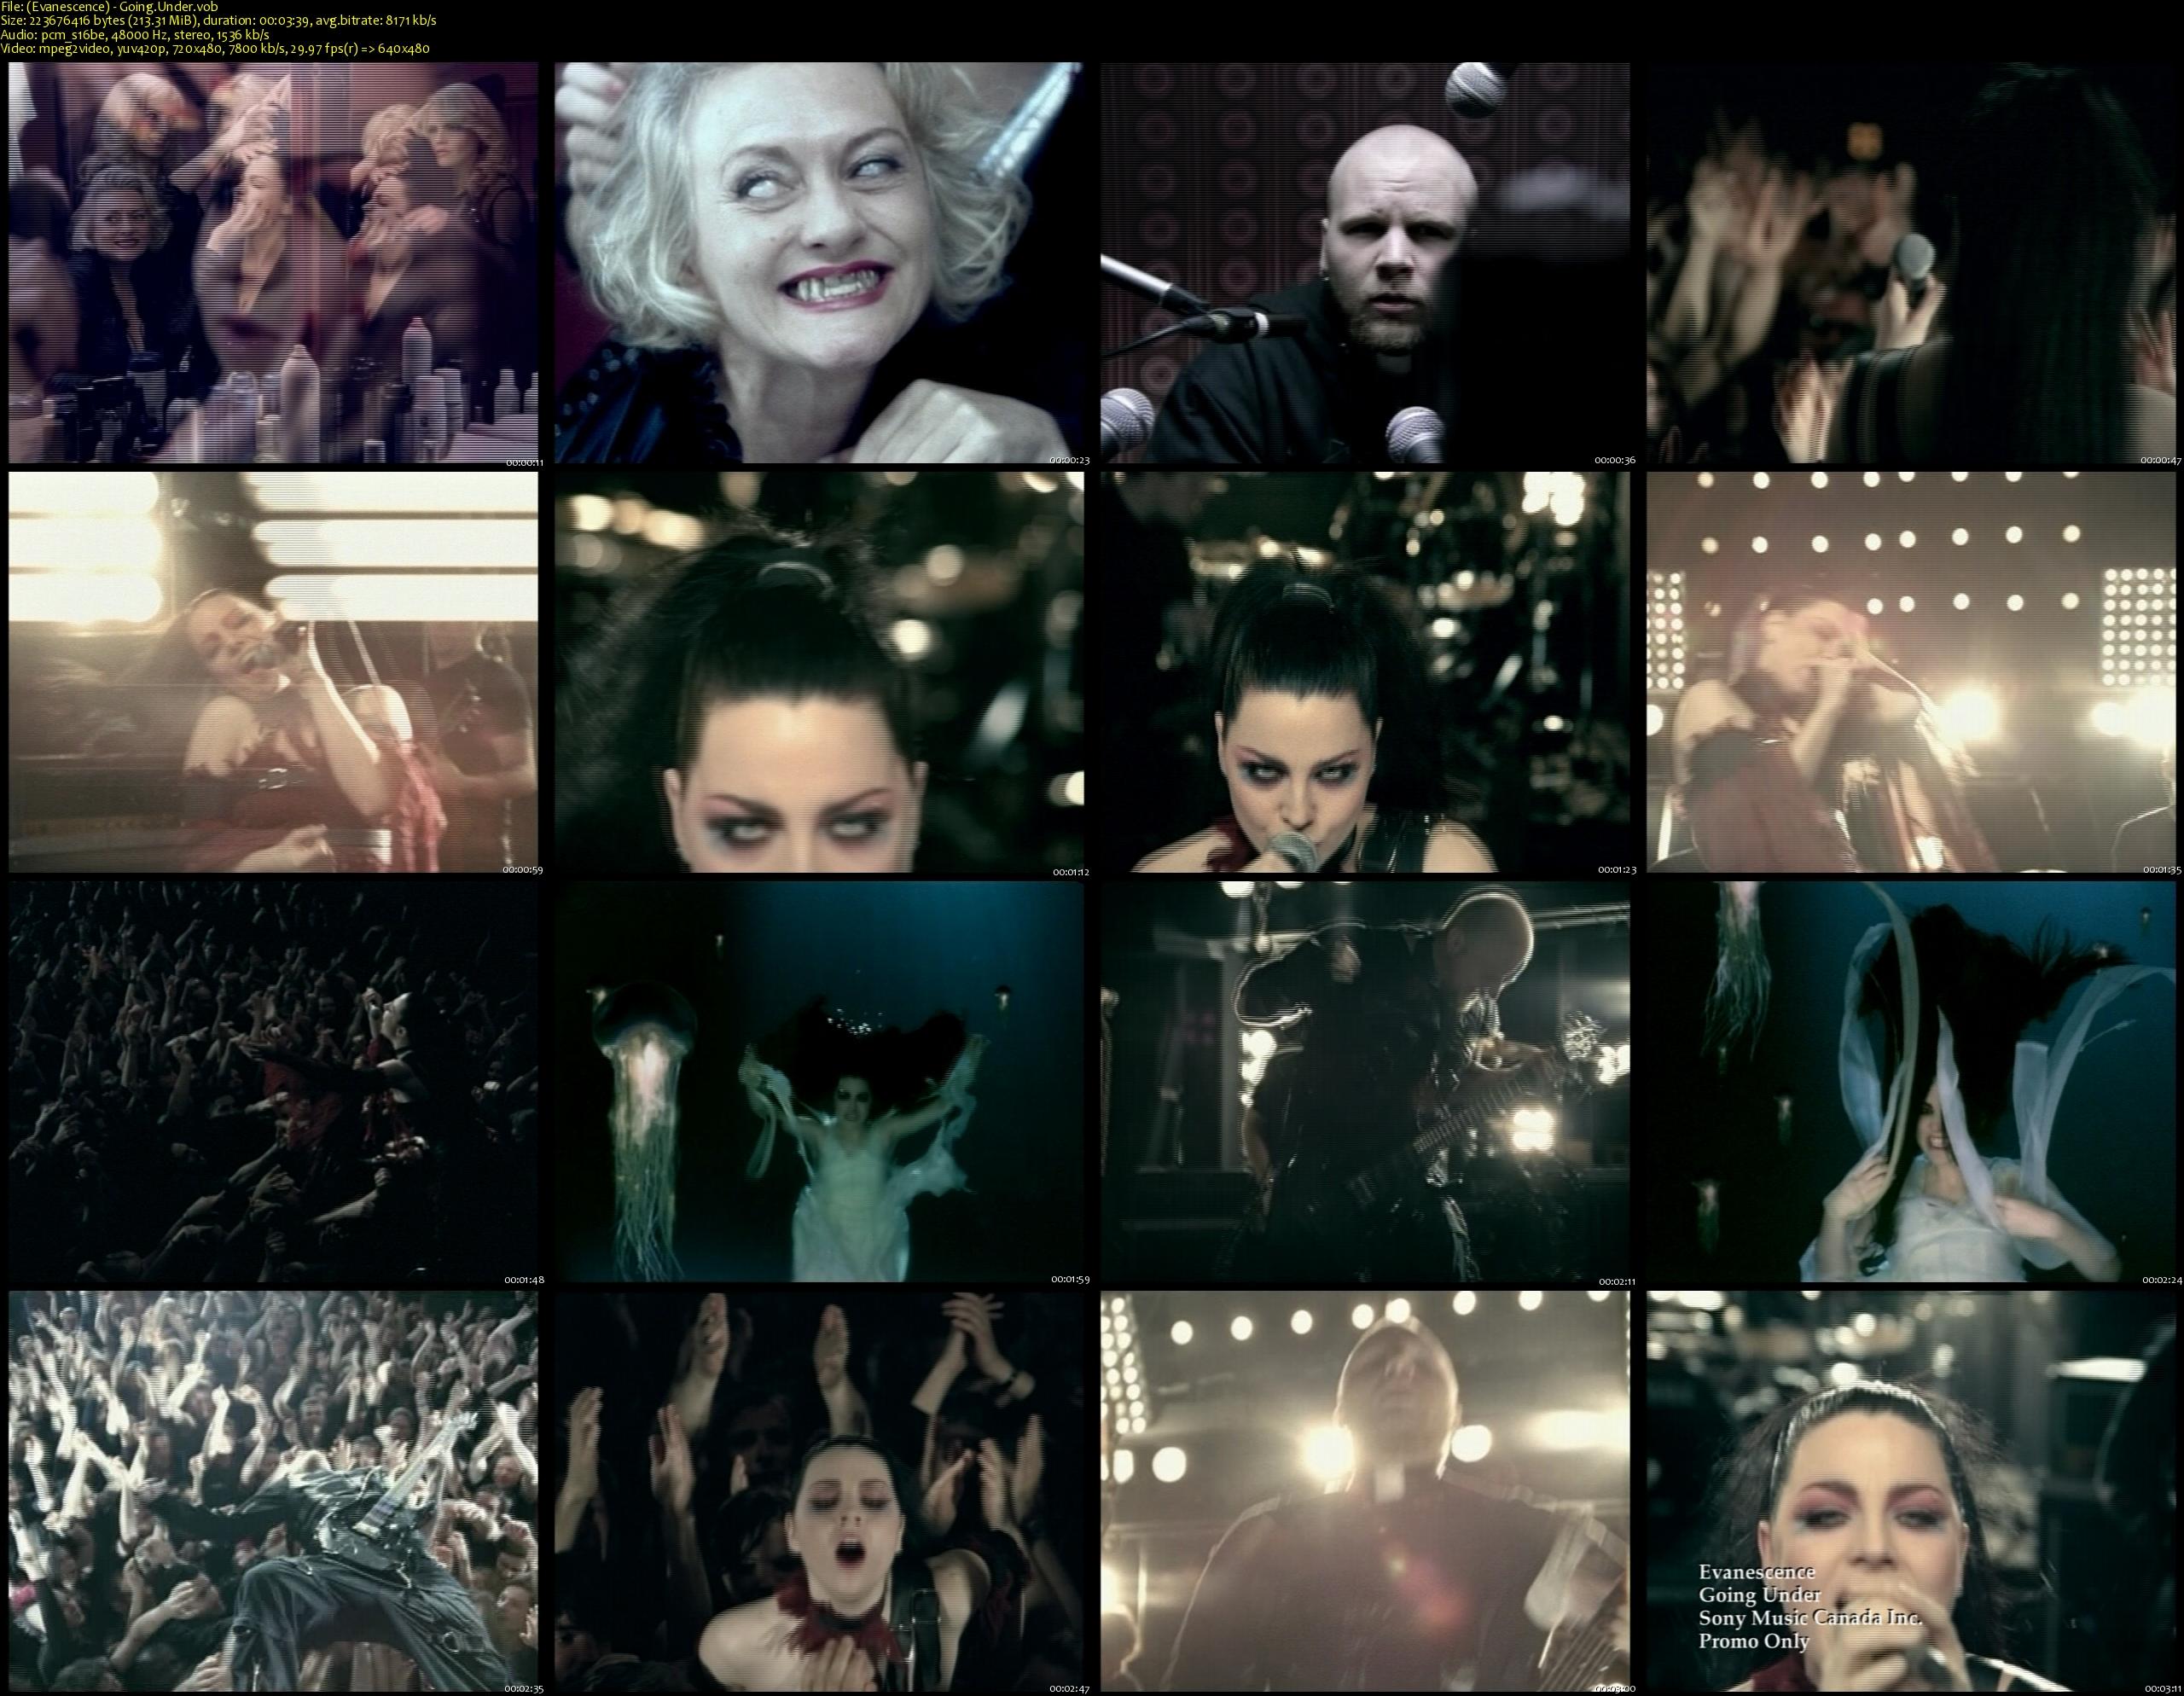 (Evanescence) - Going.Under_s.jpg